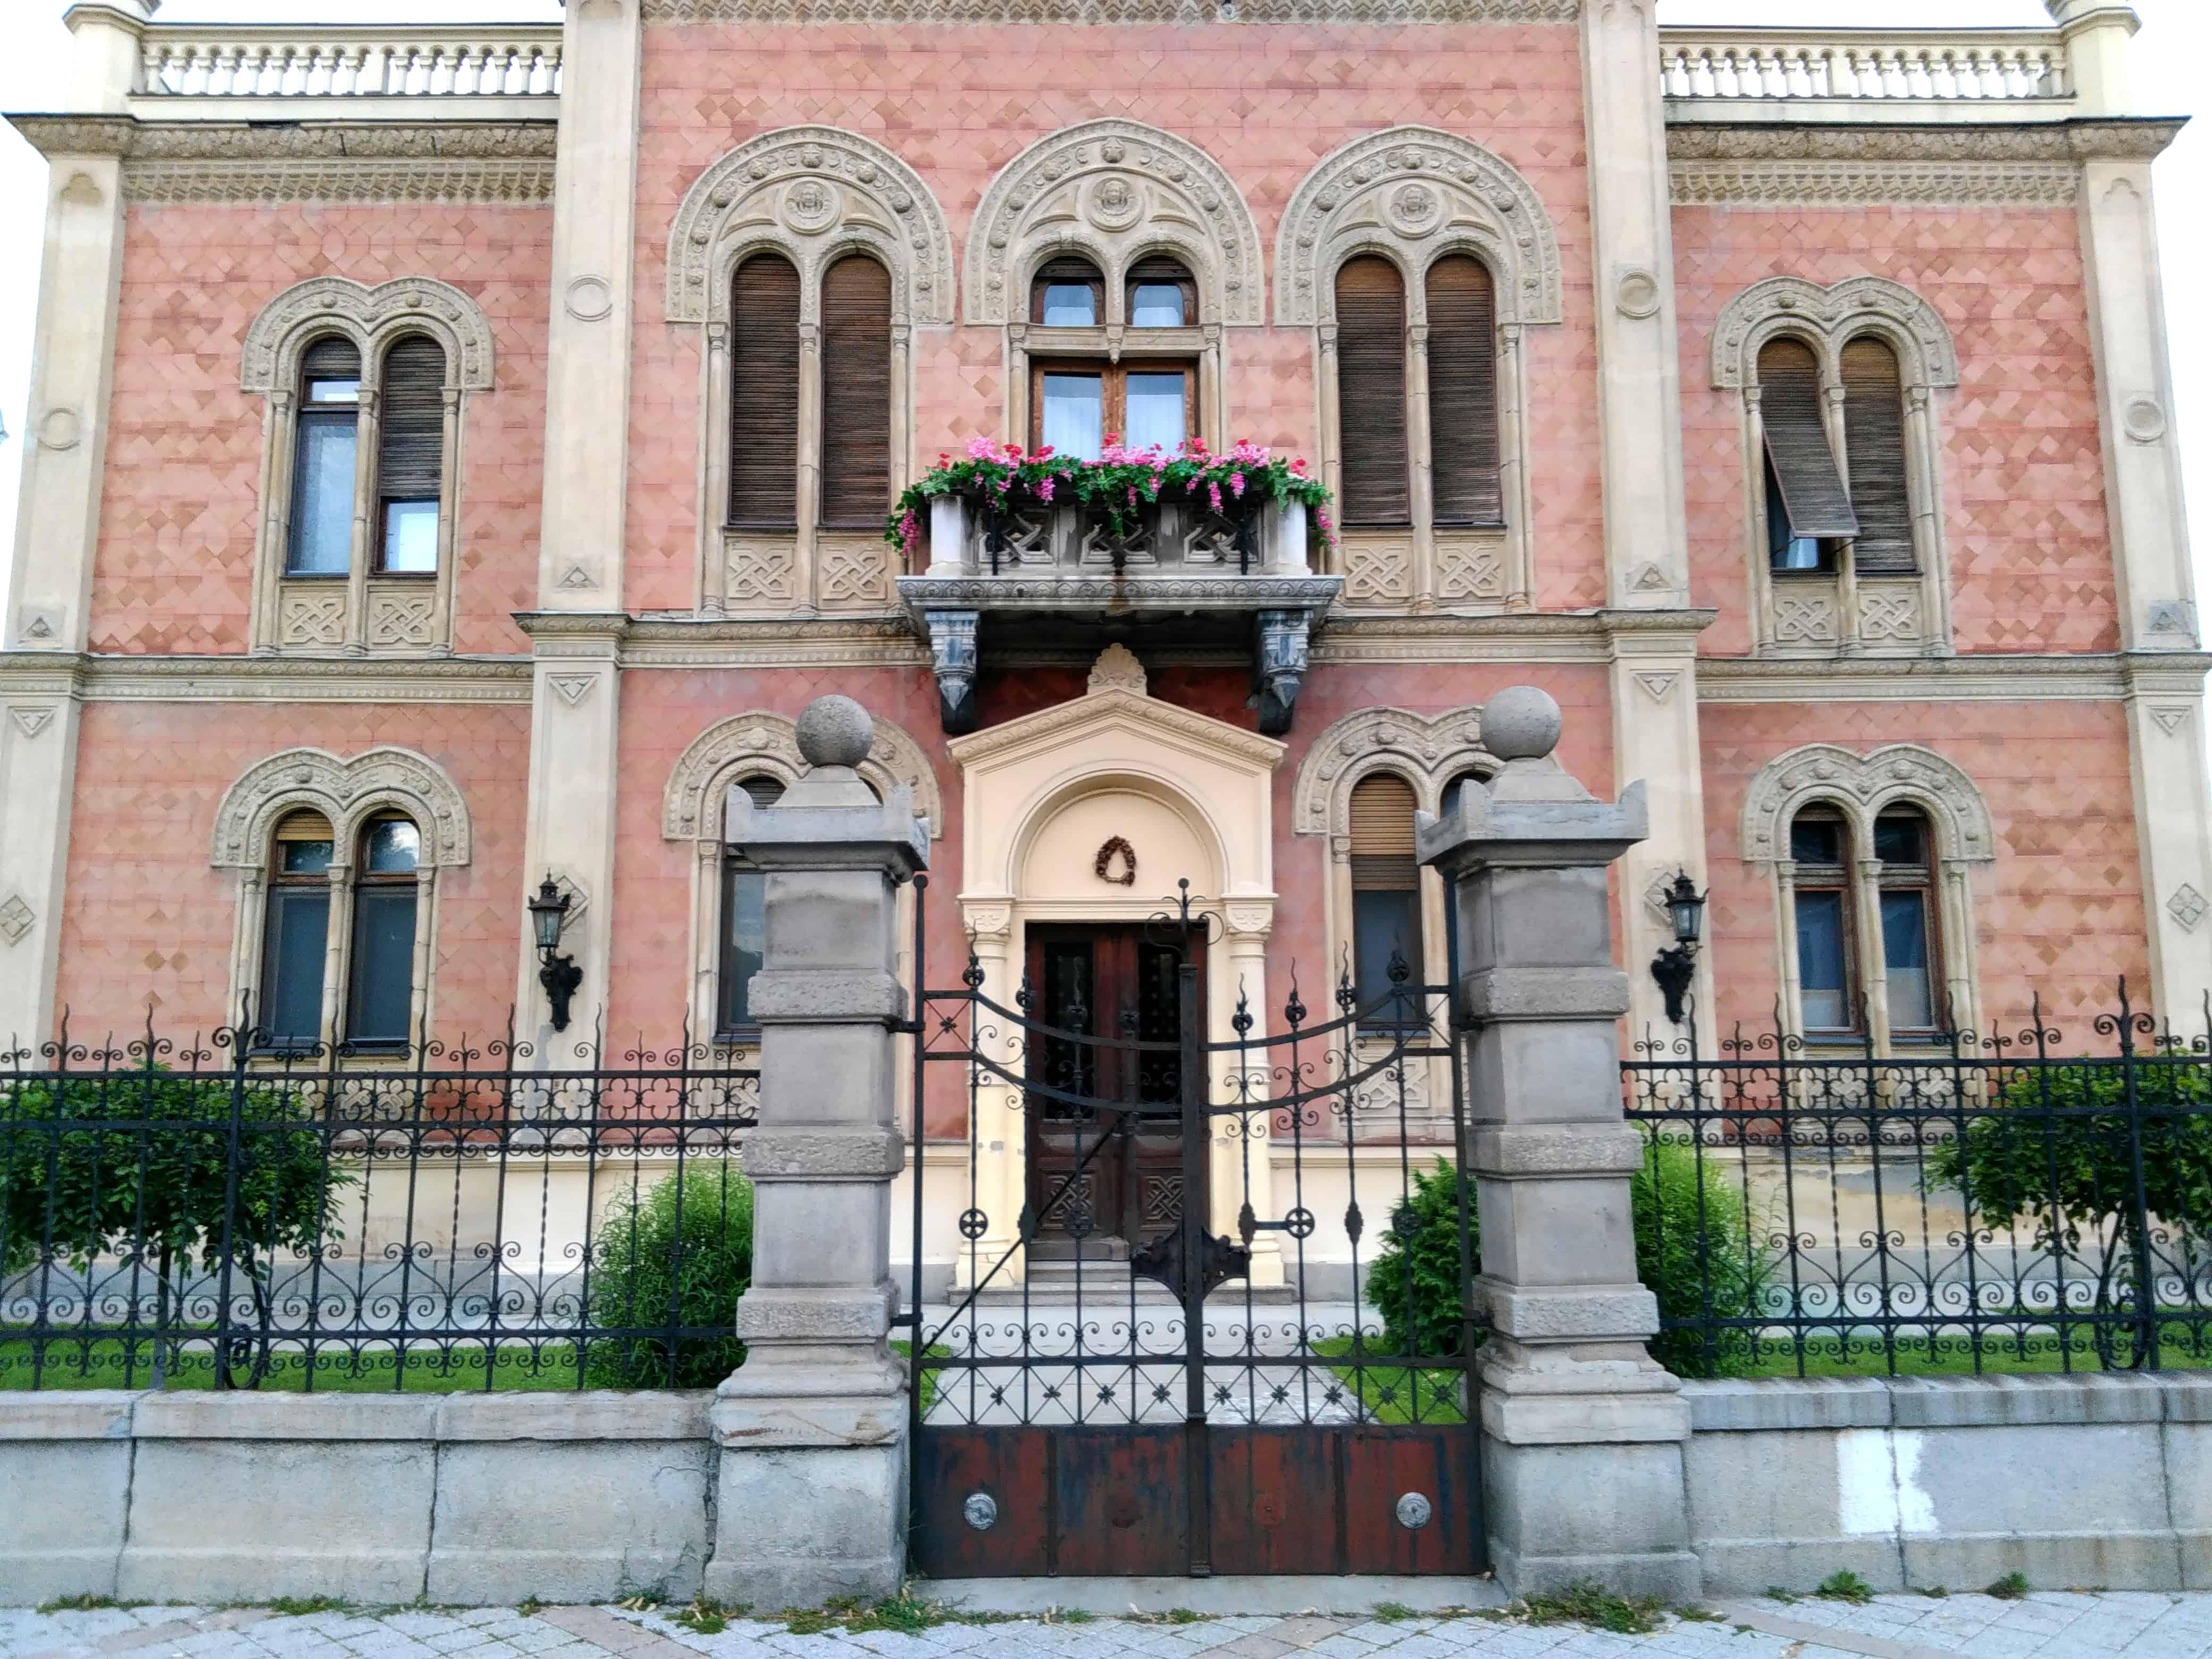 Gratis afbeelding huis oude buitenkant architectuur